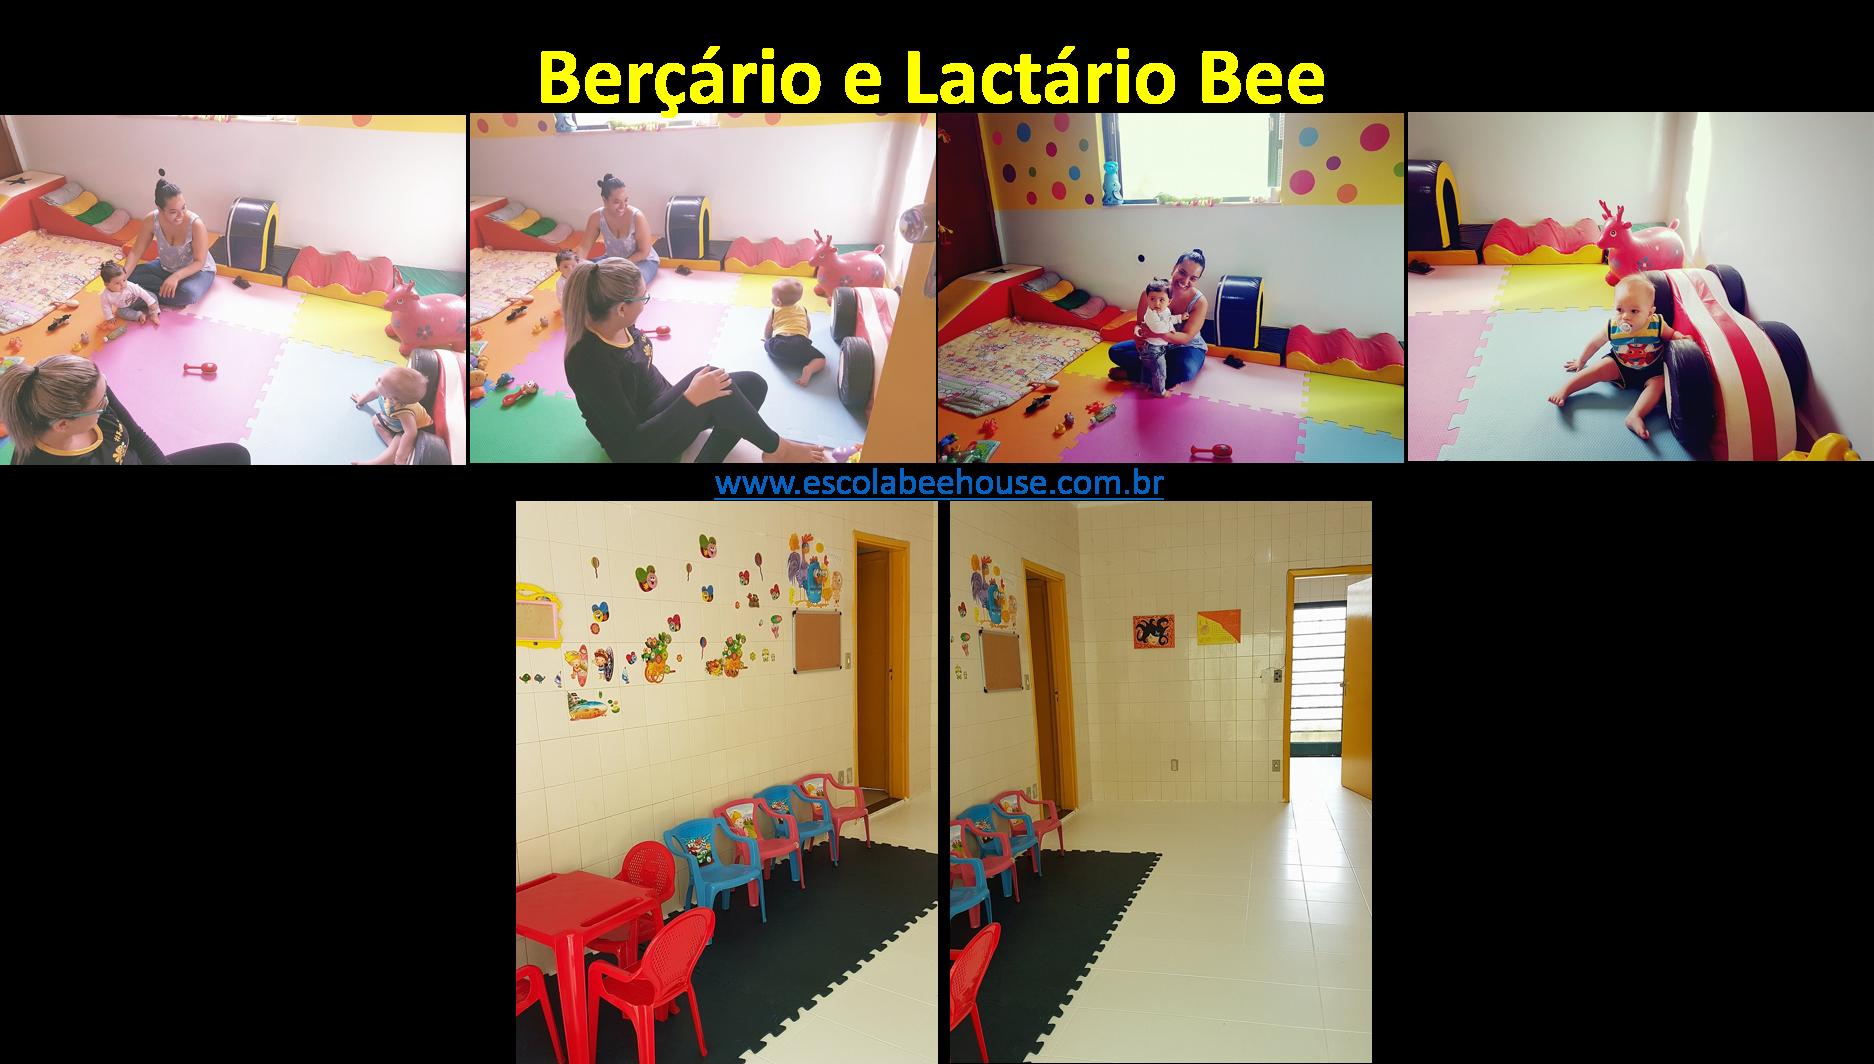 berçario_e_lactario_bee